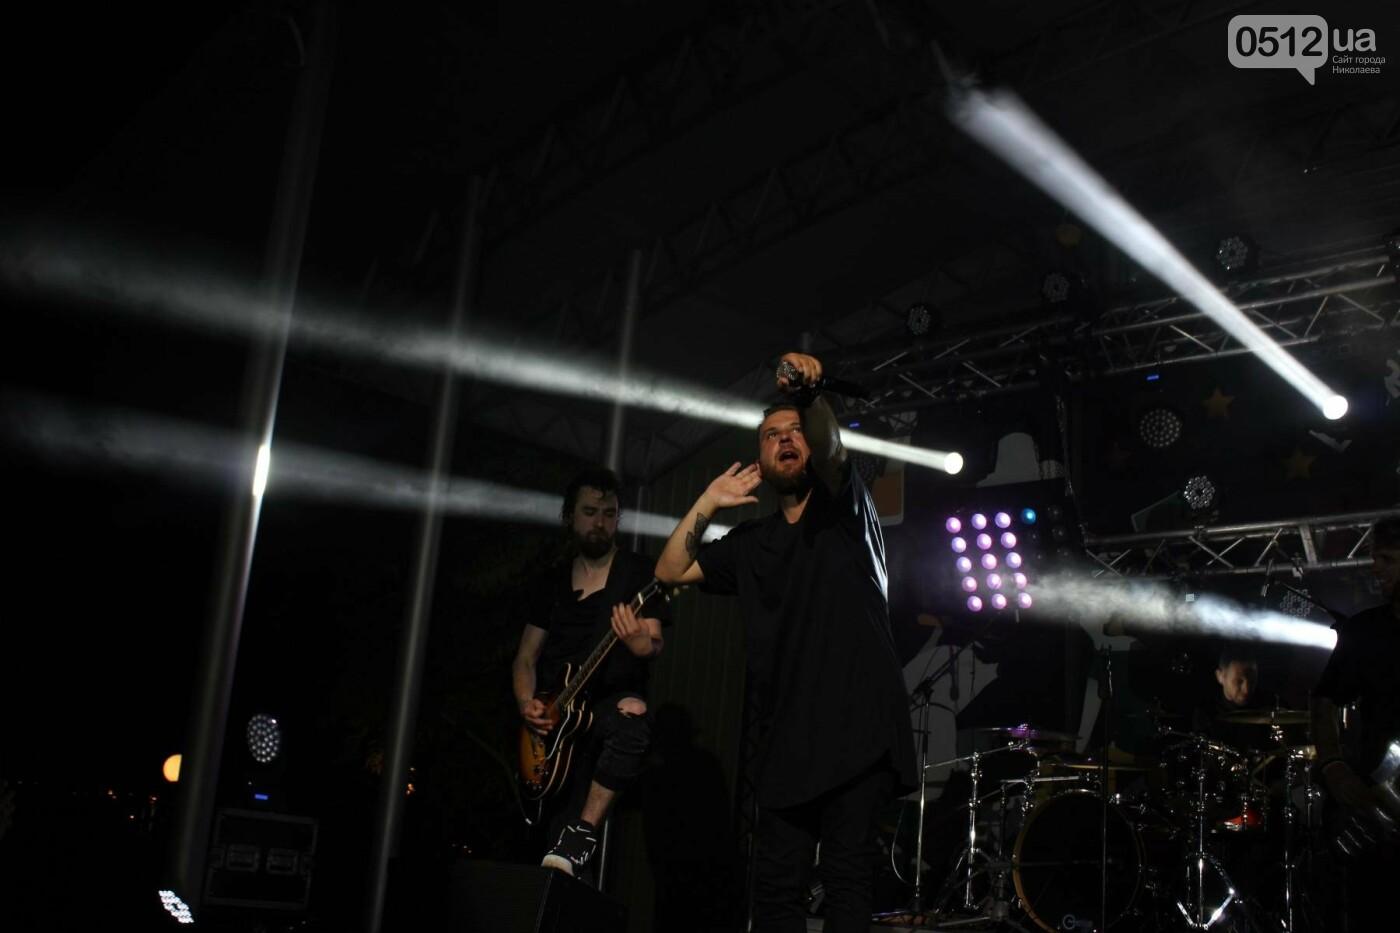 """Группа """"Без обмежень"""" сыграла громкий концерт в Николаеве - ФОТОРЕПОРТАЖ, ВИДЕО , фото-4"""